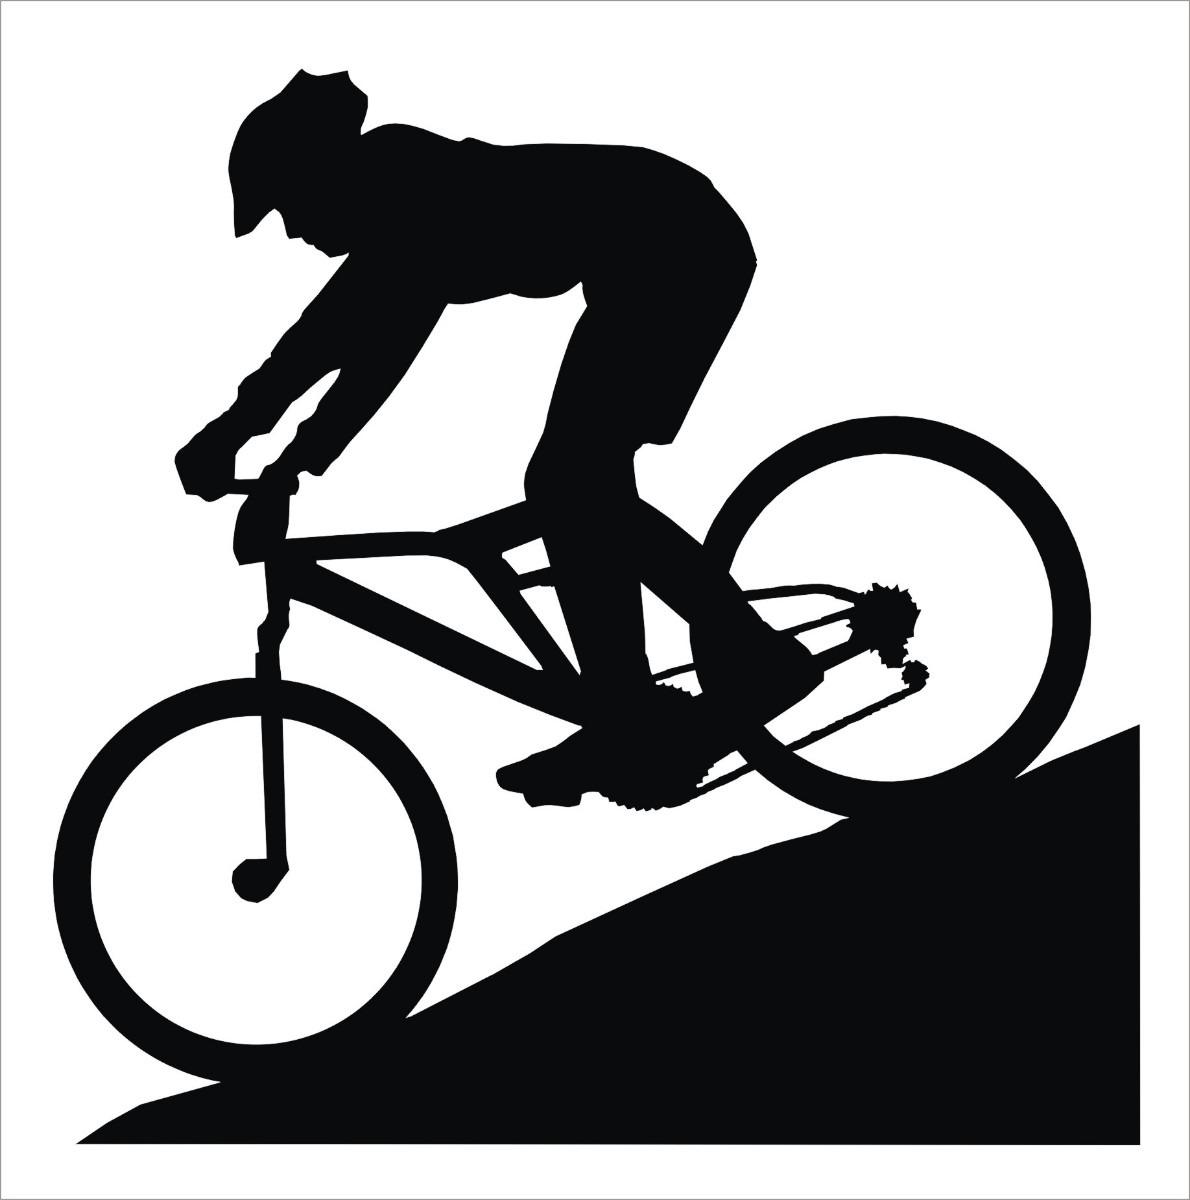 Armario Capsula Masculino ~ Adesivo Mountain Bike Downhill Shimano R$ 6,00 no MercadoLivre